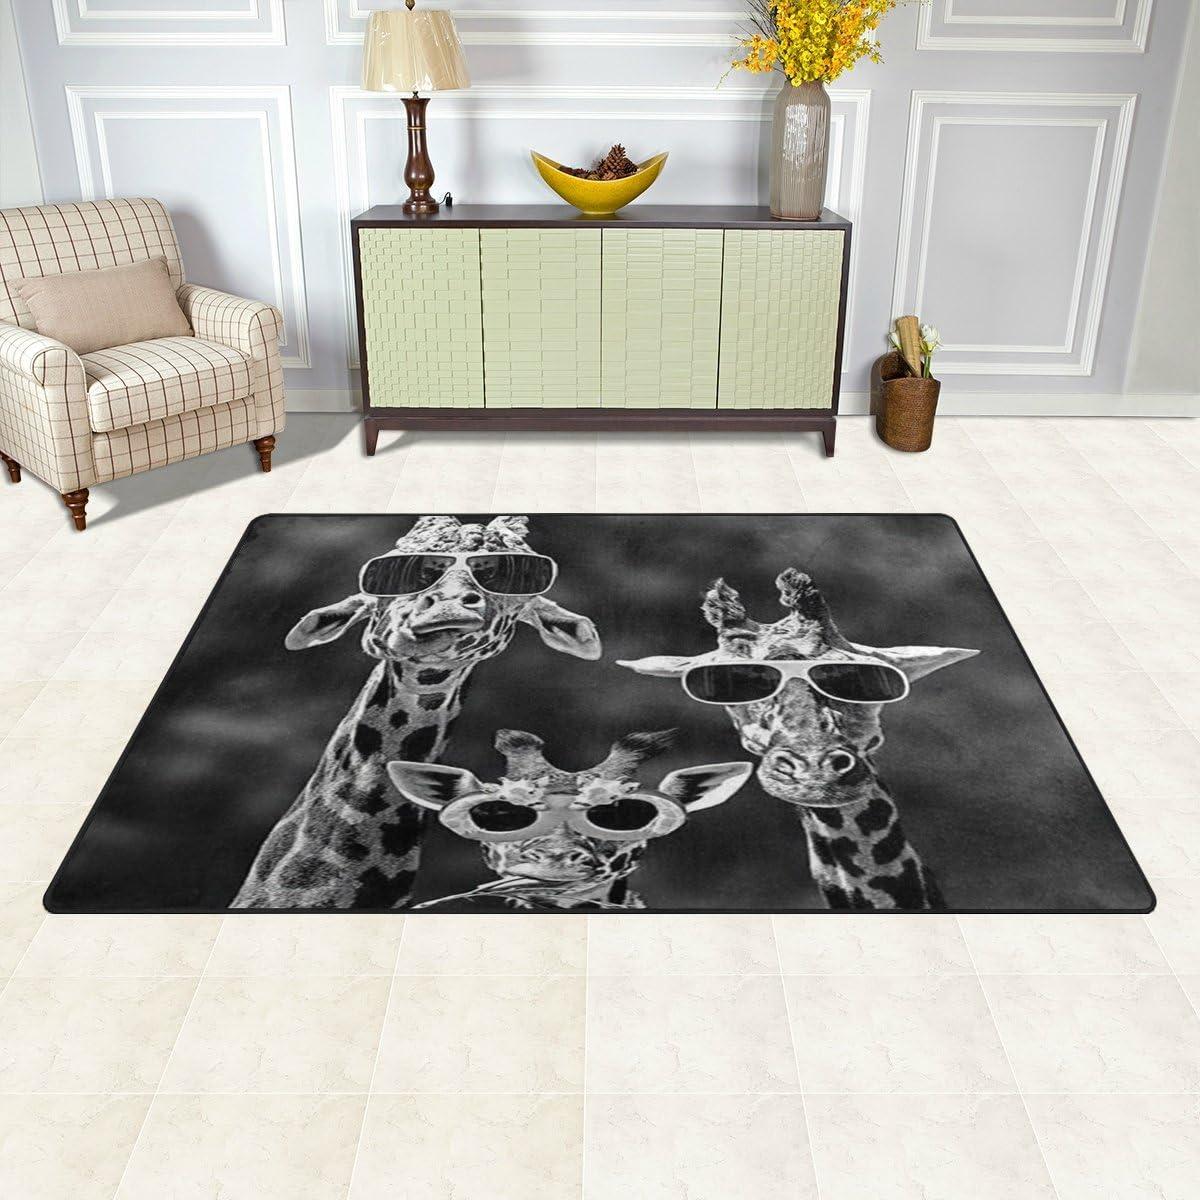 1.7 x 2.6 ft Naanle Hippie Giraffe Funny Animal Non Slip Area Rug for Living Dinning Room Bedroom Kitchen 50 x 80 cm Animal Giraffe Nursery Rug Floor Carpet Yoga Mat